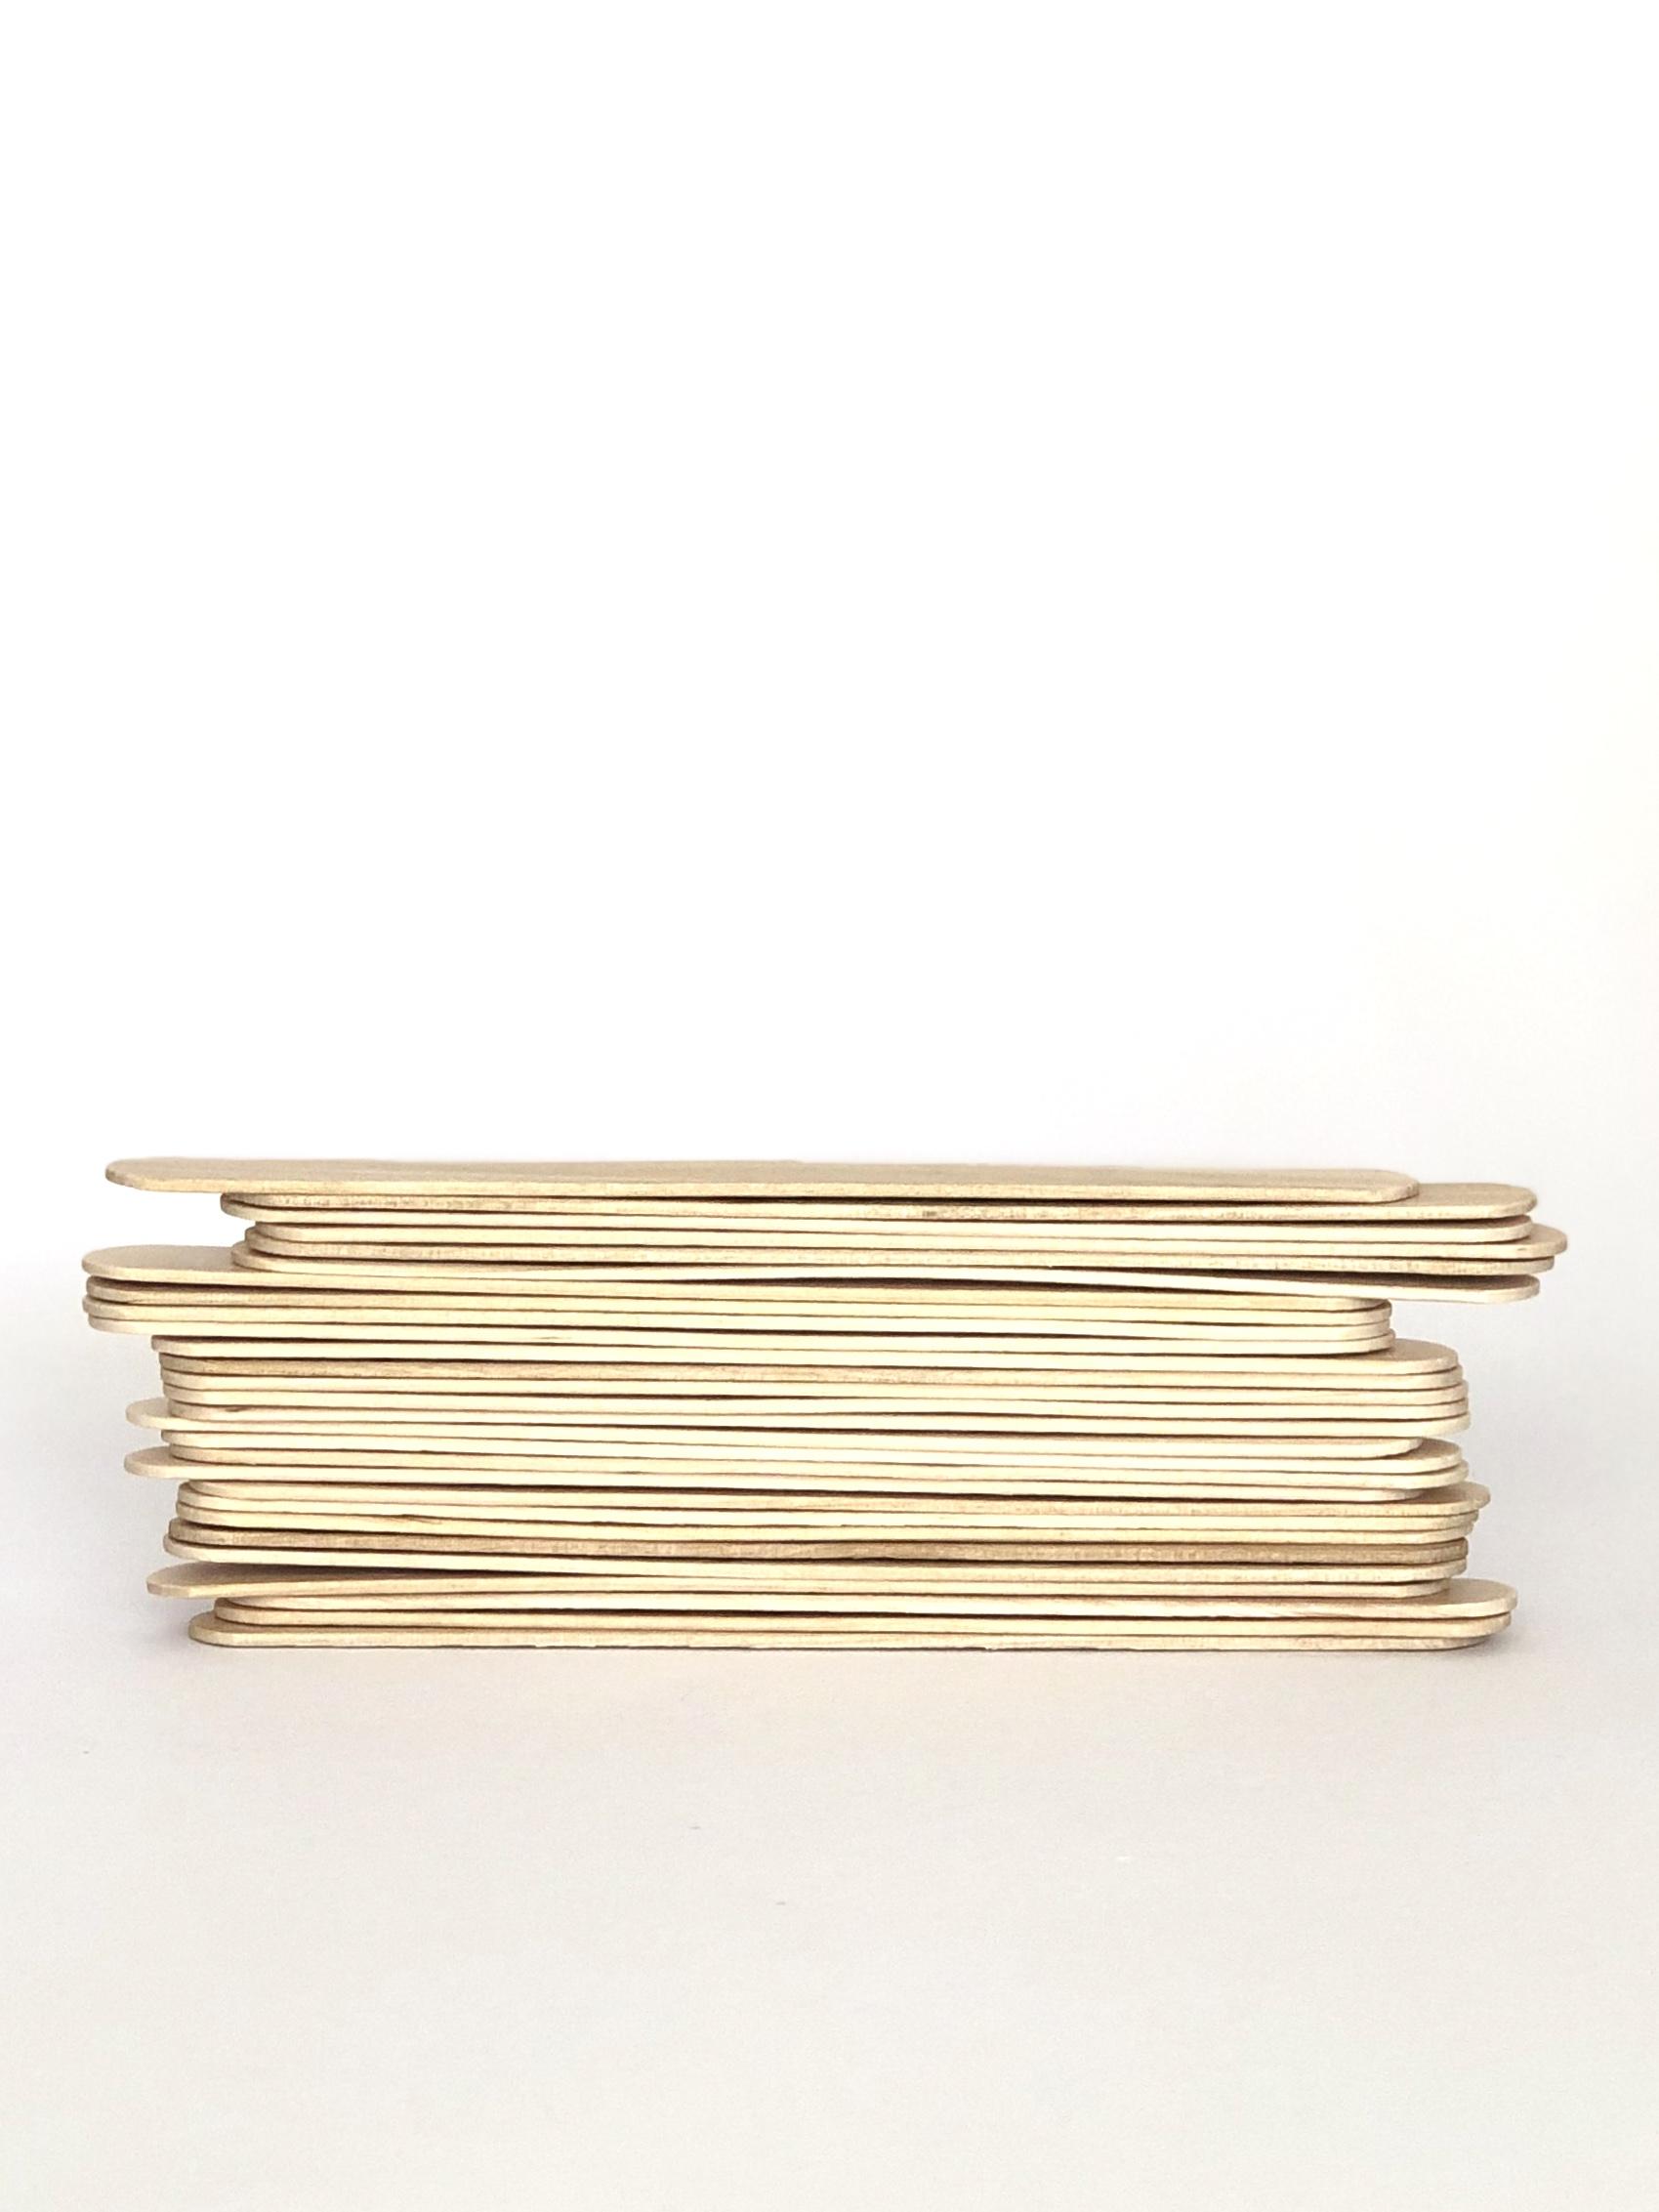 Holzspatel Körper 17 cm à 100 Stk.